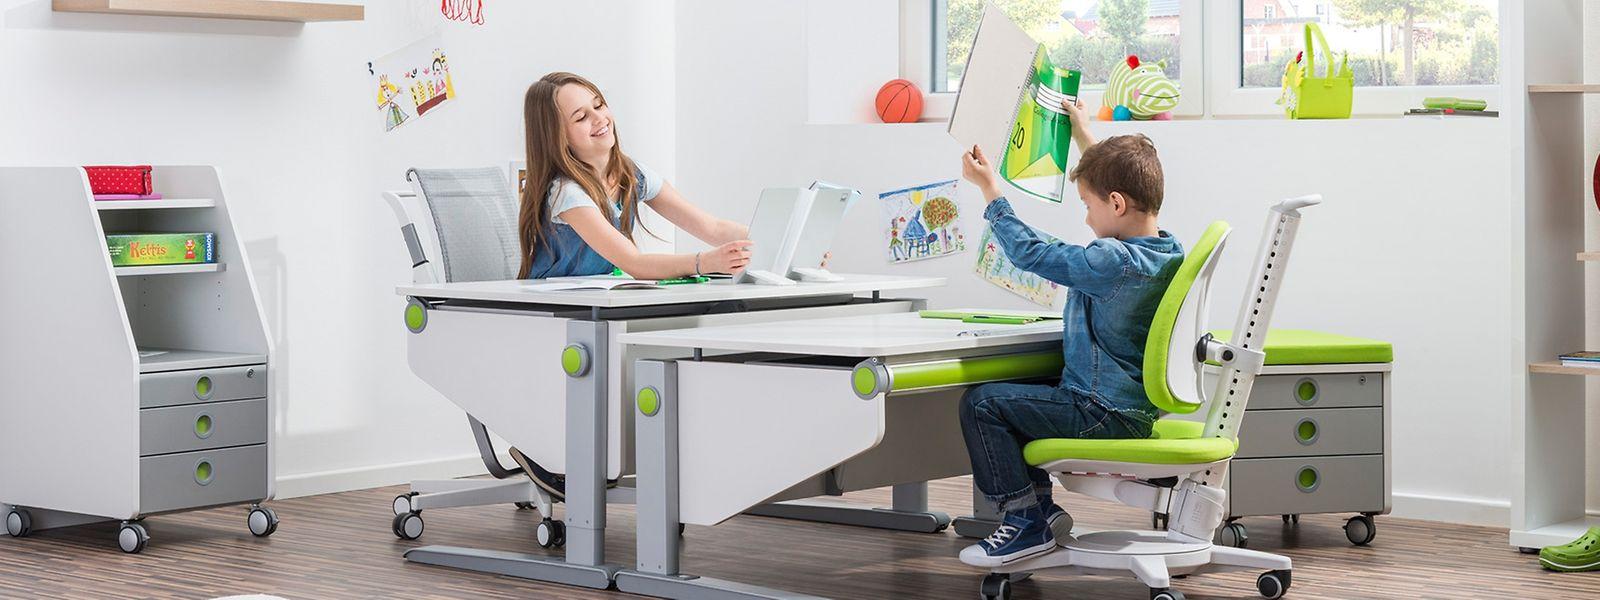 Kinder wachsen schnell.Viele Hersteller bieten daher mitwachsende, höhenverstellbare Arbeitsmöbel an.